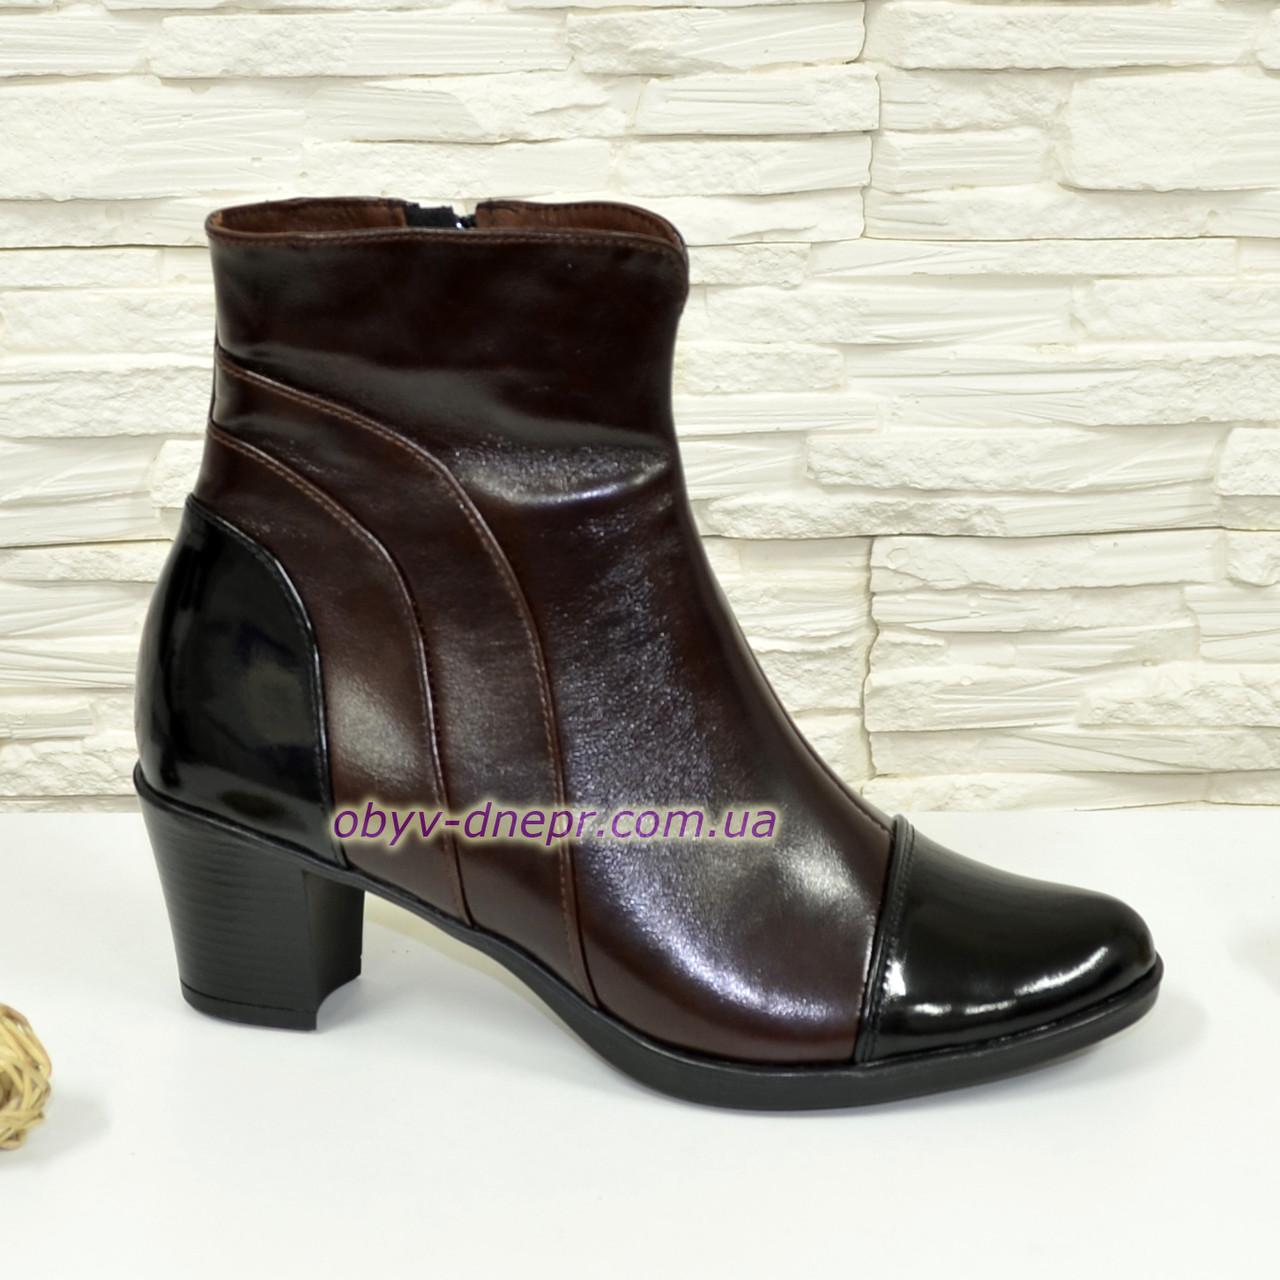 Женские зимние ботинки на невысоком каблуке, цвет коричневый/черный